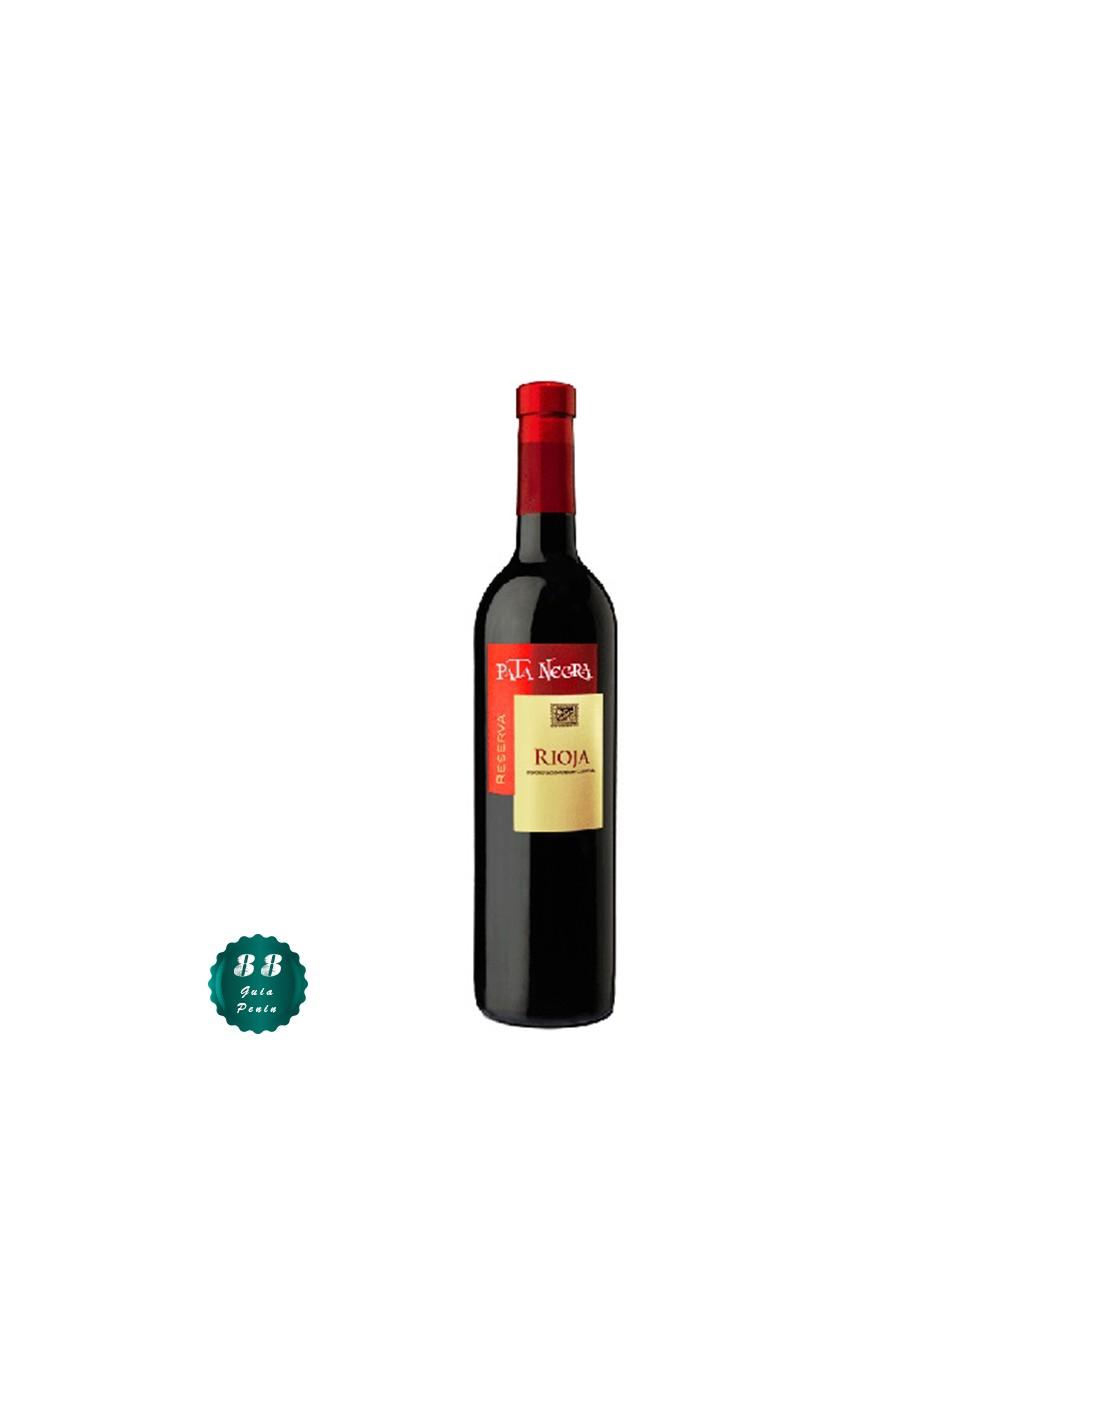 Vin rosu, Tempranillo, Pata Negra Reserva Rioja, 0.75L, 13.5% alc., Spania